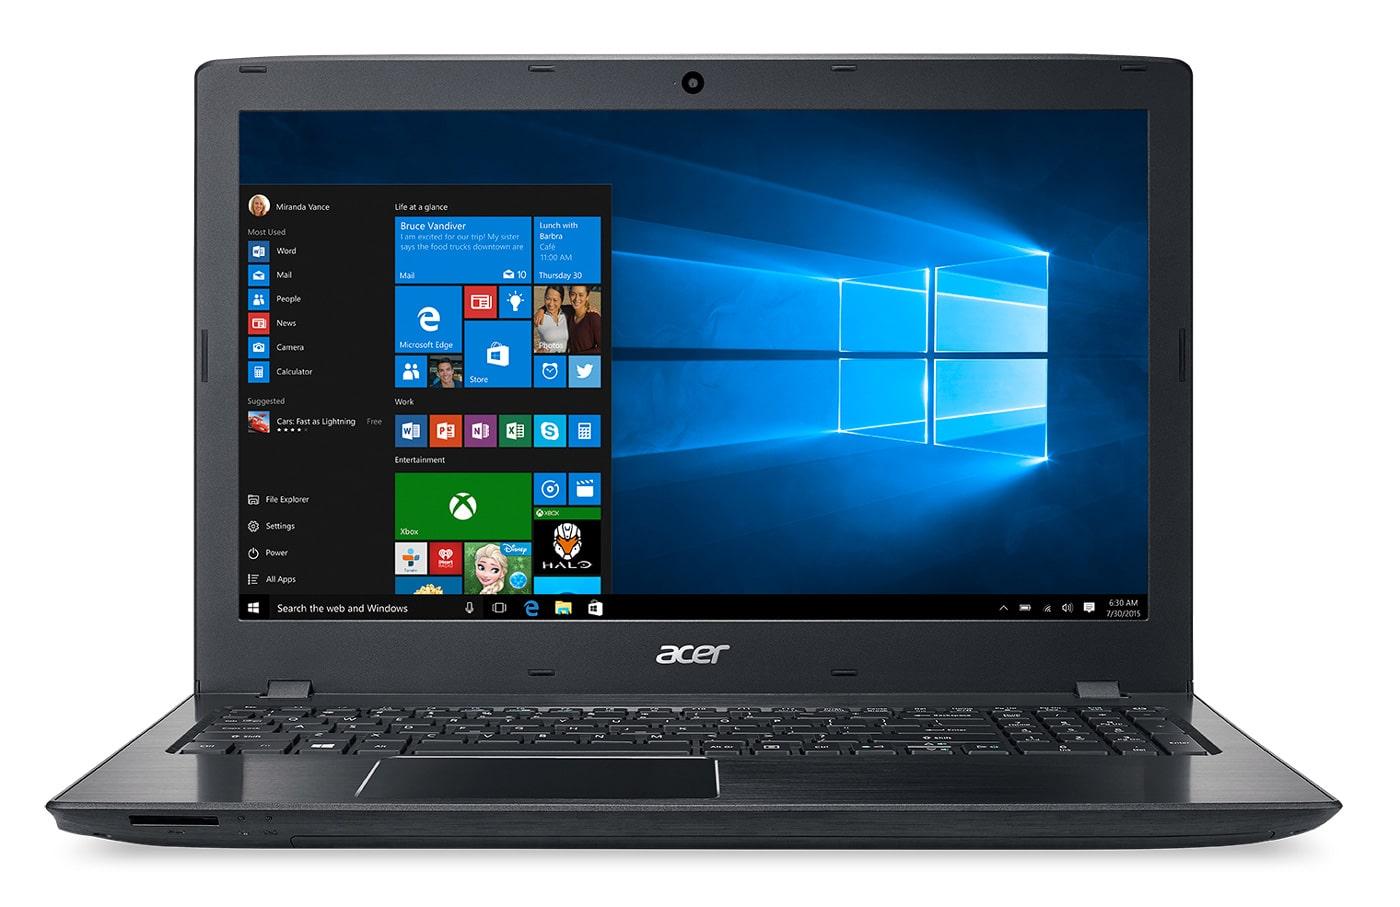 Acer Aspire E5-575G-35A8 à 549€, PC portable 15 pouces GTX 950M i3 8Go